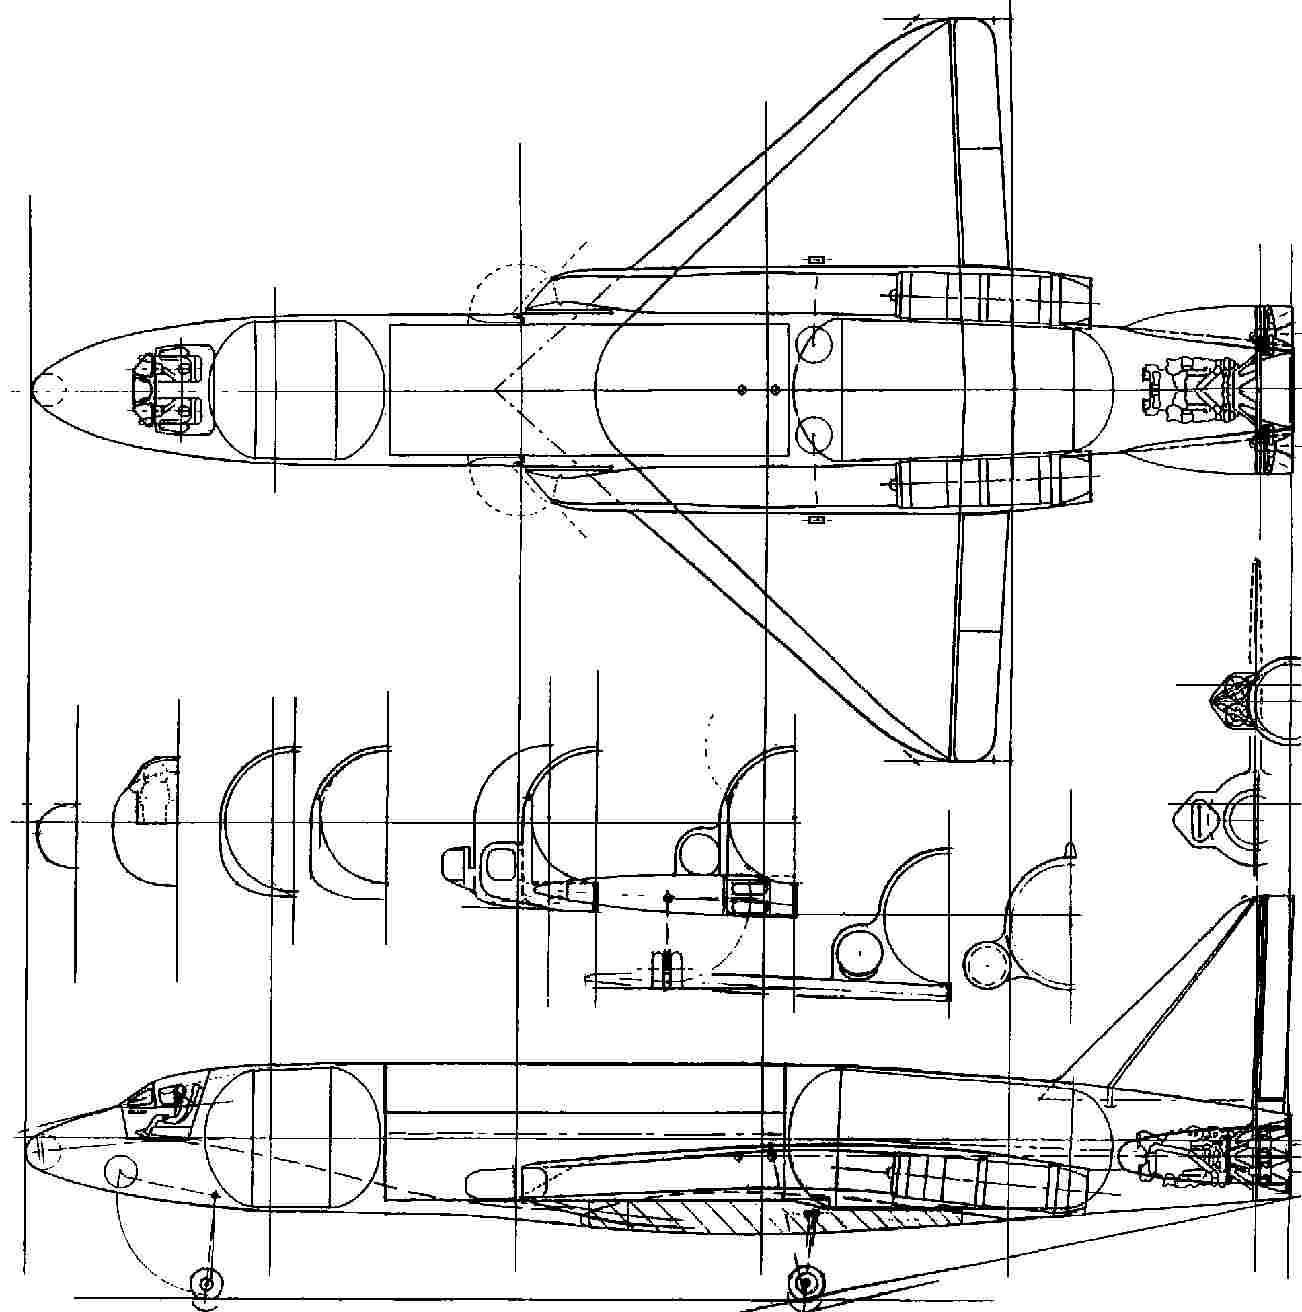 http://www.aircraftdesign.com/p54-3flp.jpg Pioneer